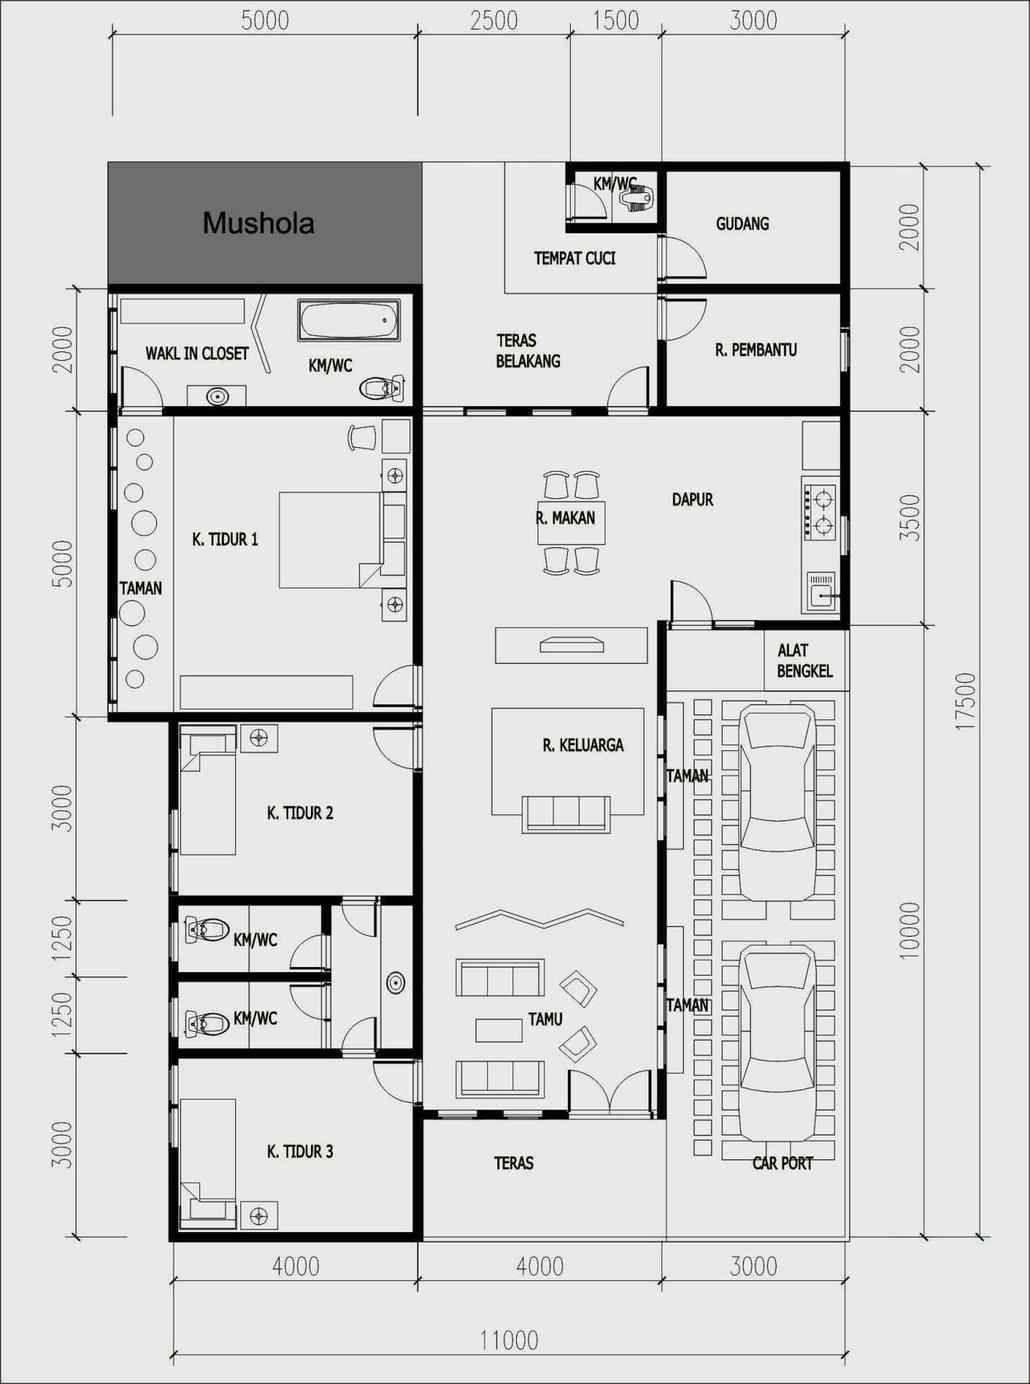 Denah Rumah 4 Kamar : denah, rumah, kamar, ❤58, Denah, Rumah, Minimalis, Kamar, Tidur, Mushola, Garasi, Sederhana, #Desa…, Rumah,, Desain, Lantai,, House, Blueprints